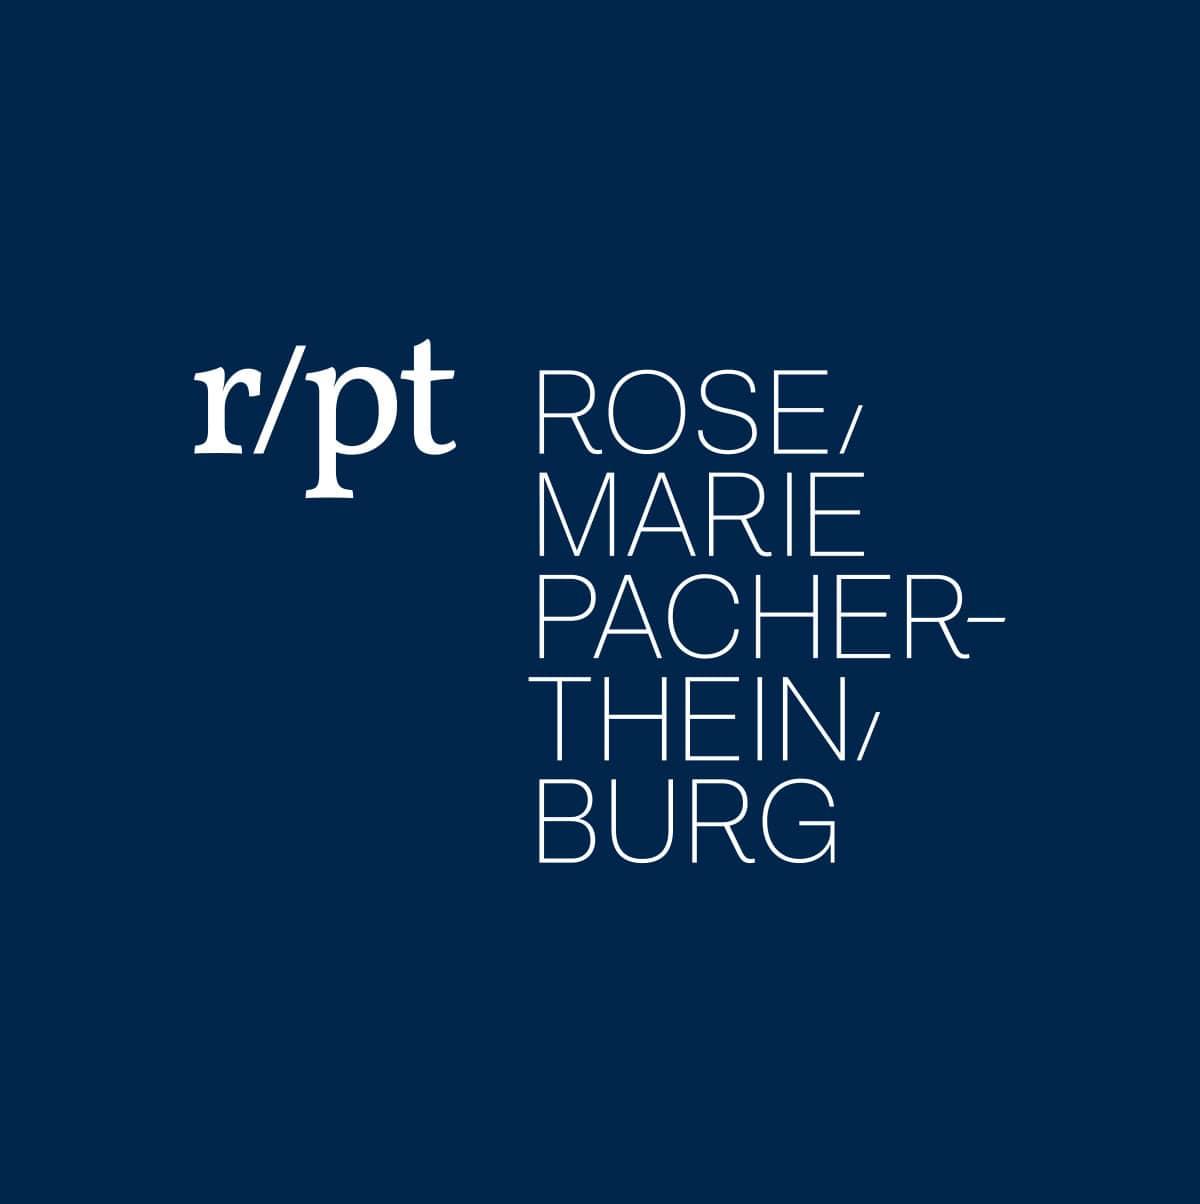 Rosemarie Pacher Theinburg – Finanzierungen